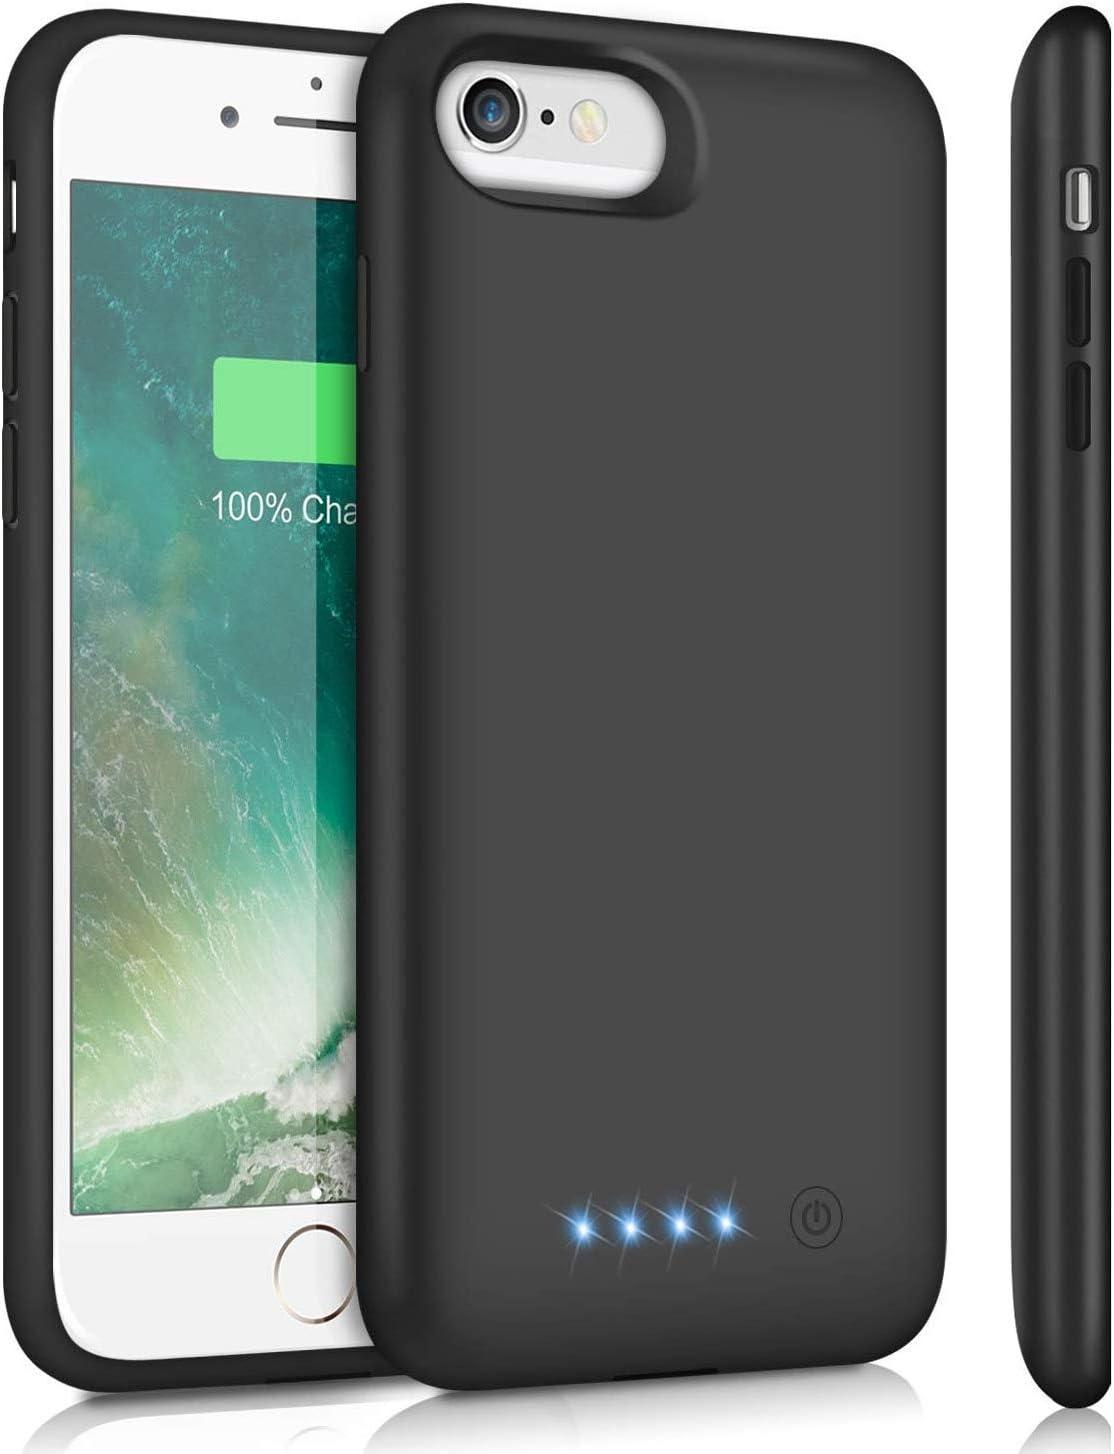 SWEYE Funda Batería para iPone 6/6s/7/8 6000mAh Funda Cargador Portátil [Versión Mejorada] Carcasa Batería para ipone 8/7/6s/6 Power Bank Case Funda-batería con Diseño Ligero y Elegante